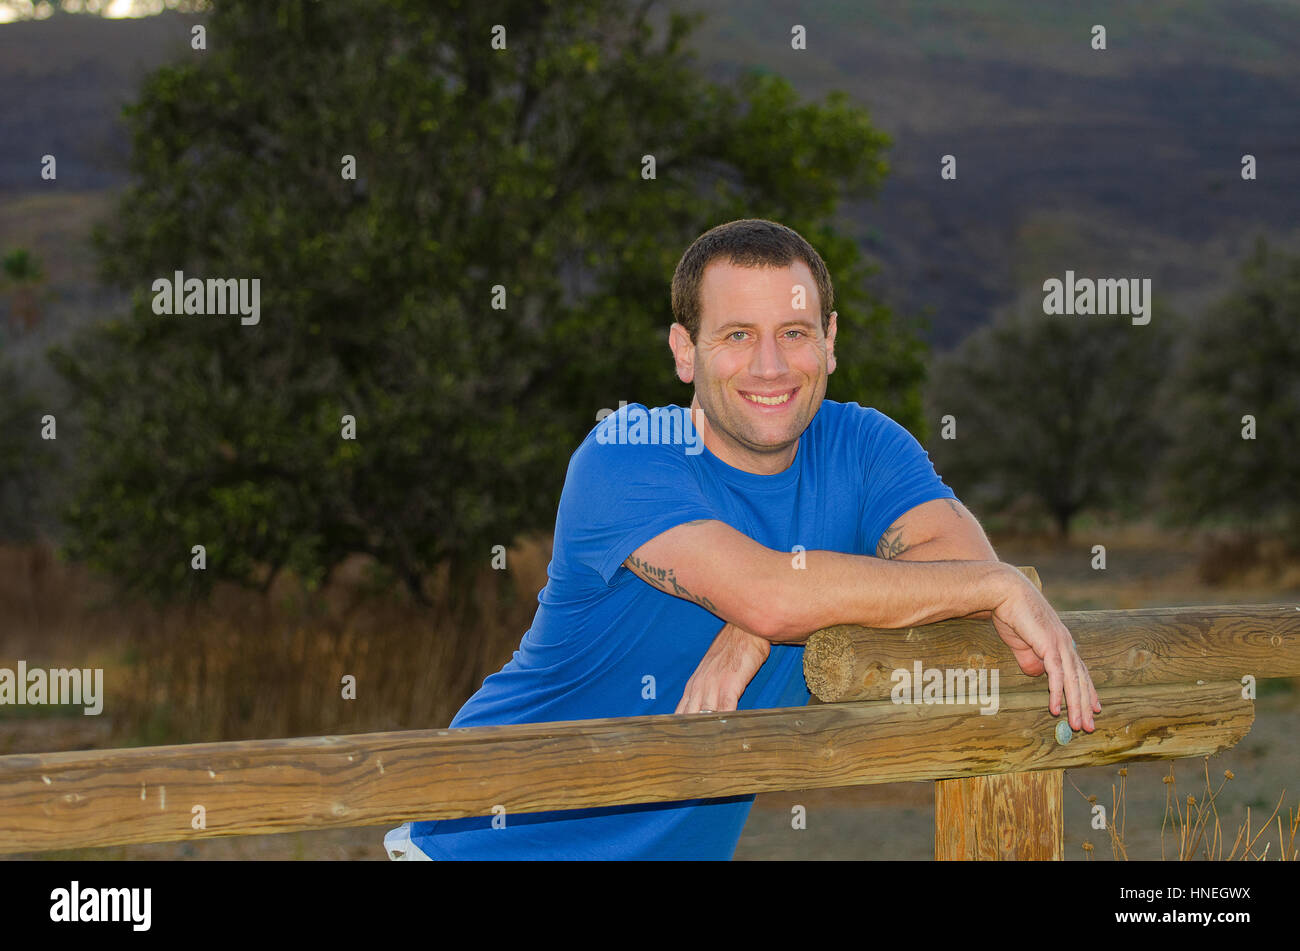 Uomo sorridente appoggiato su di una recinzione di legno godendo la vita all'aperto Immagini Stock